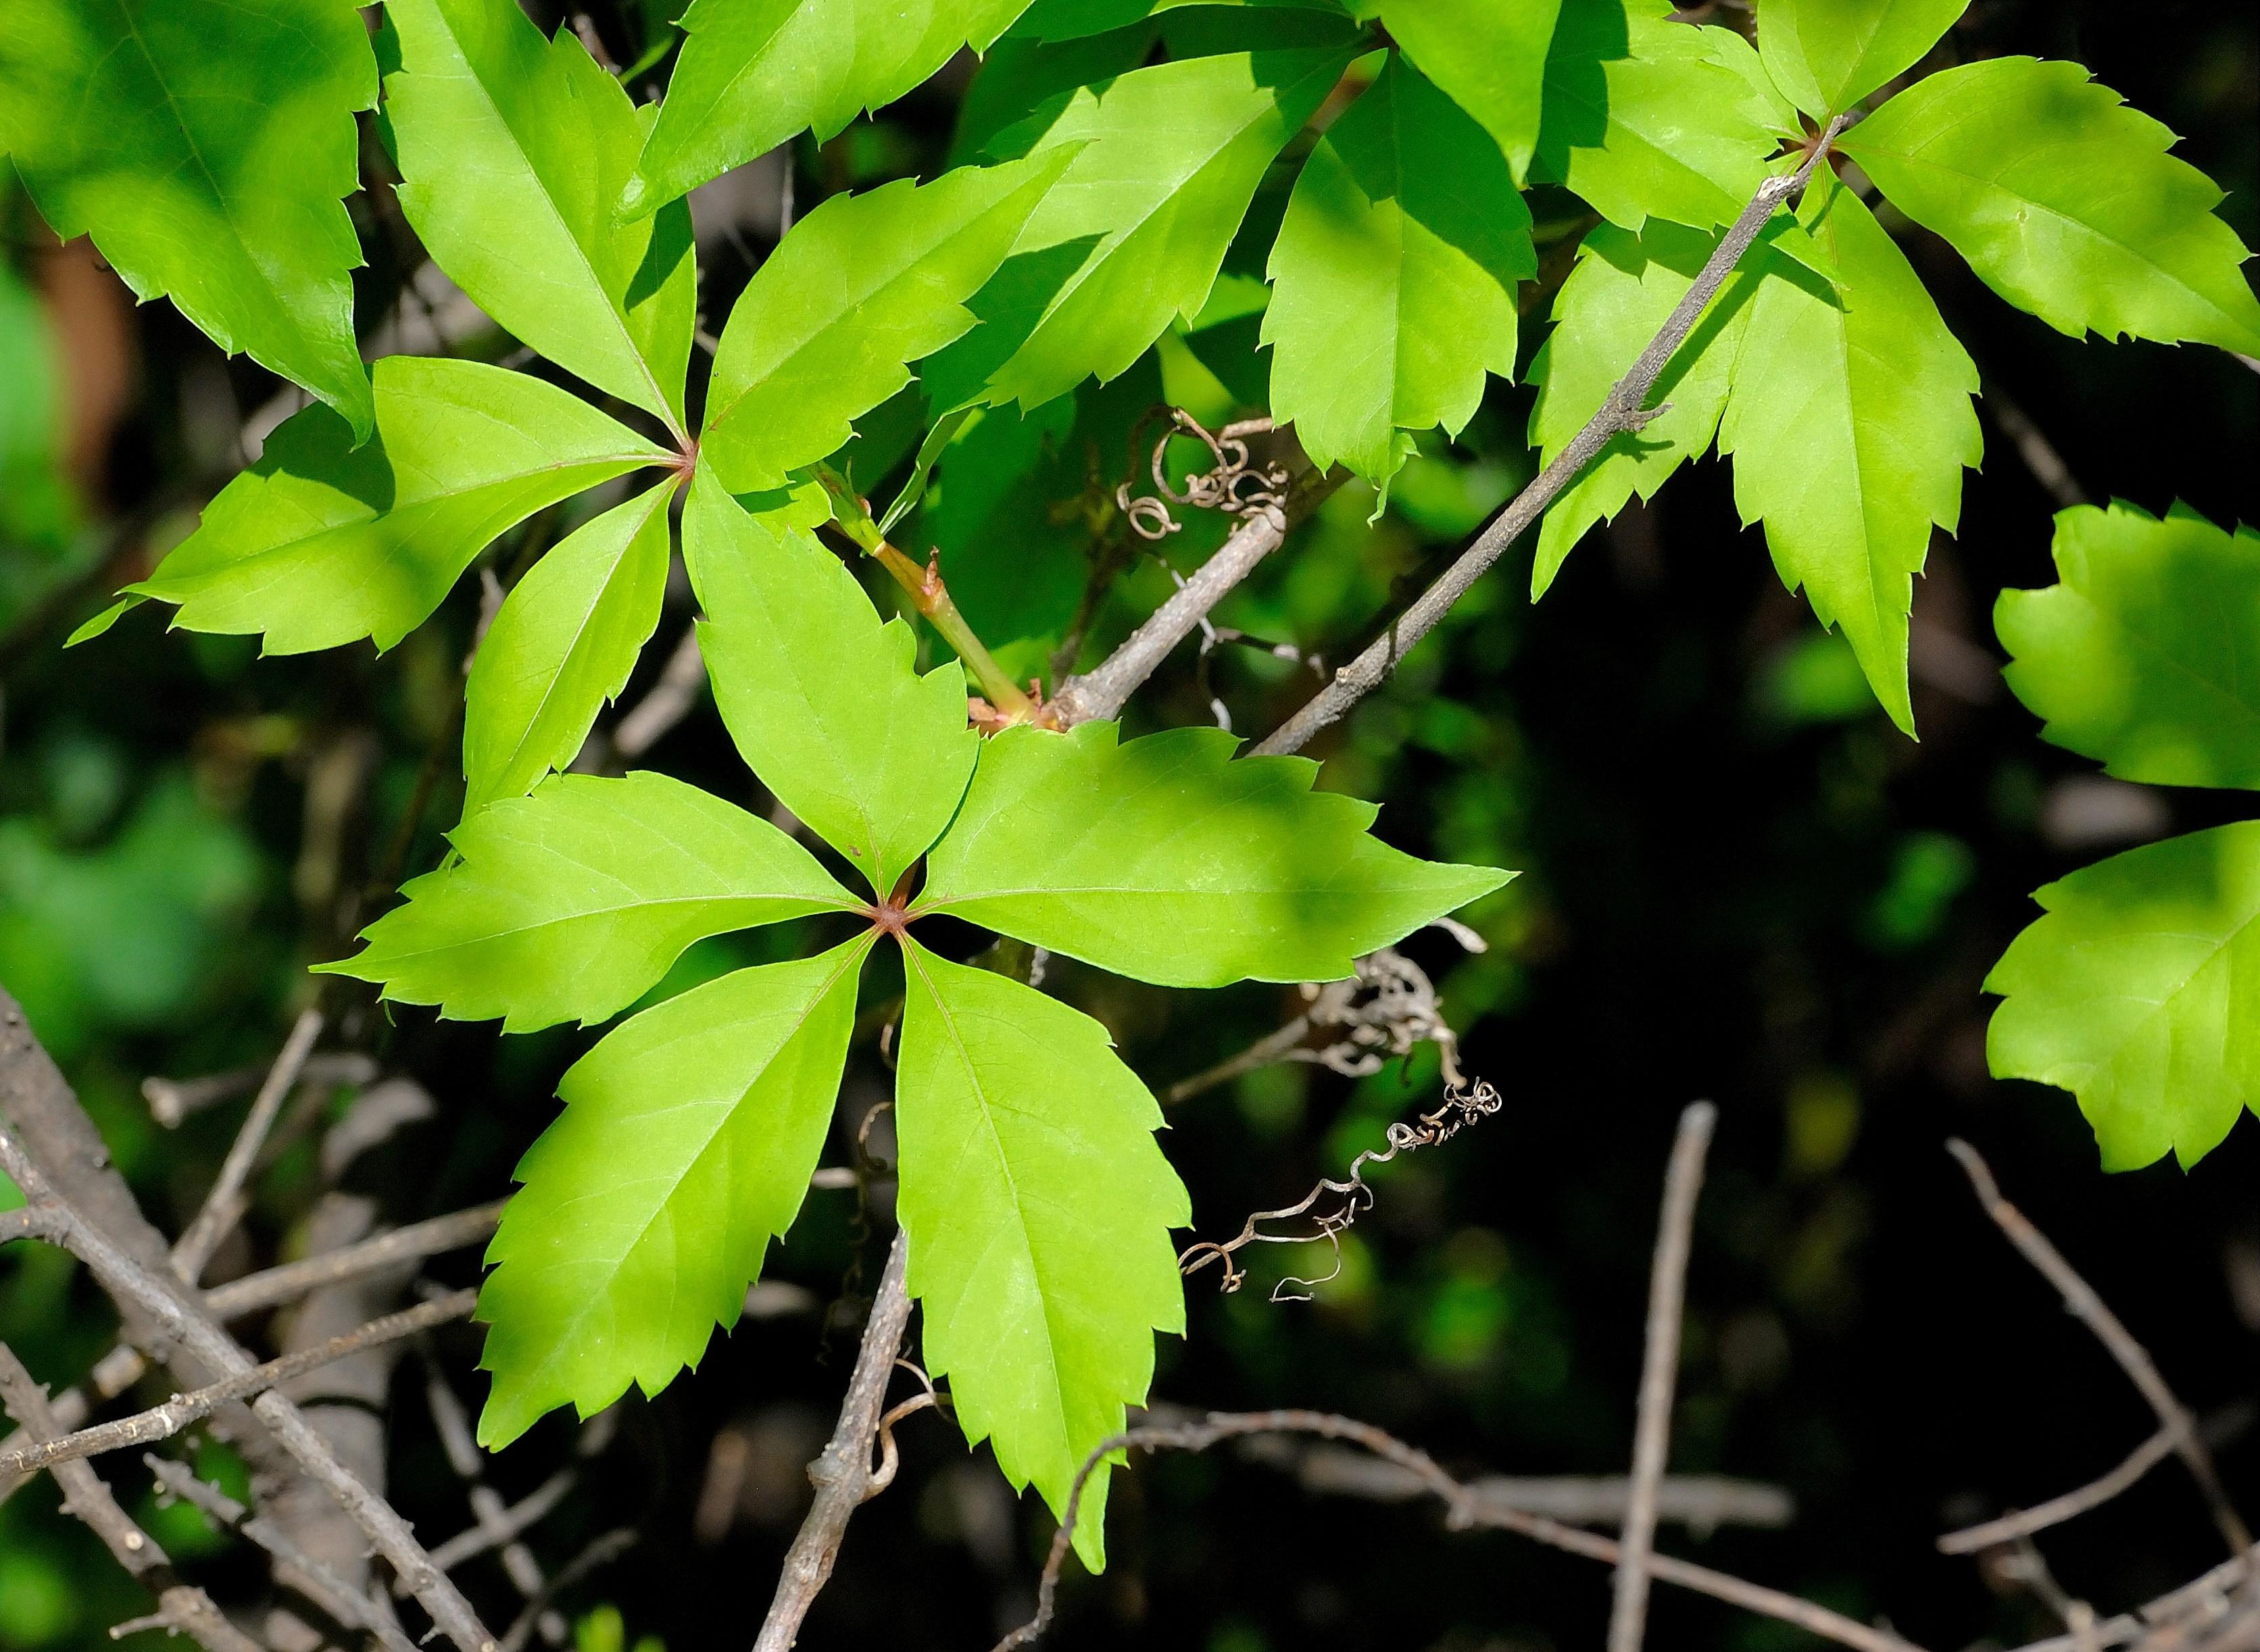 Parthenocissus vitacea.